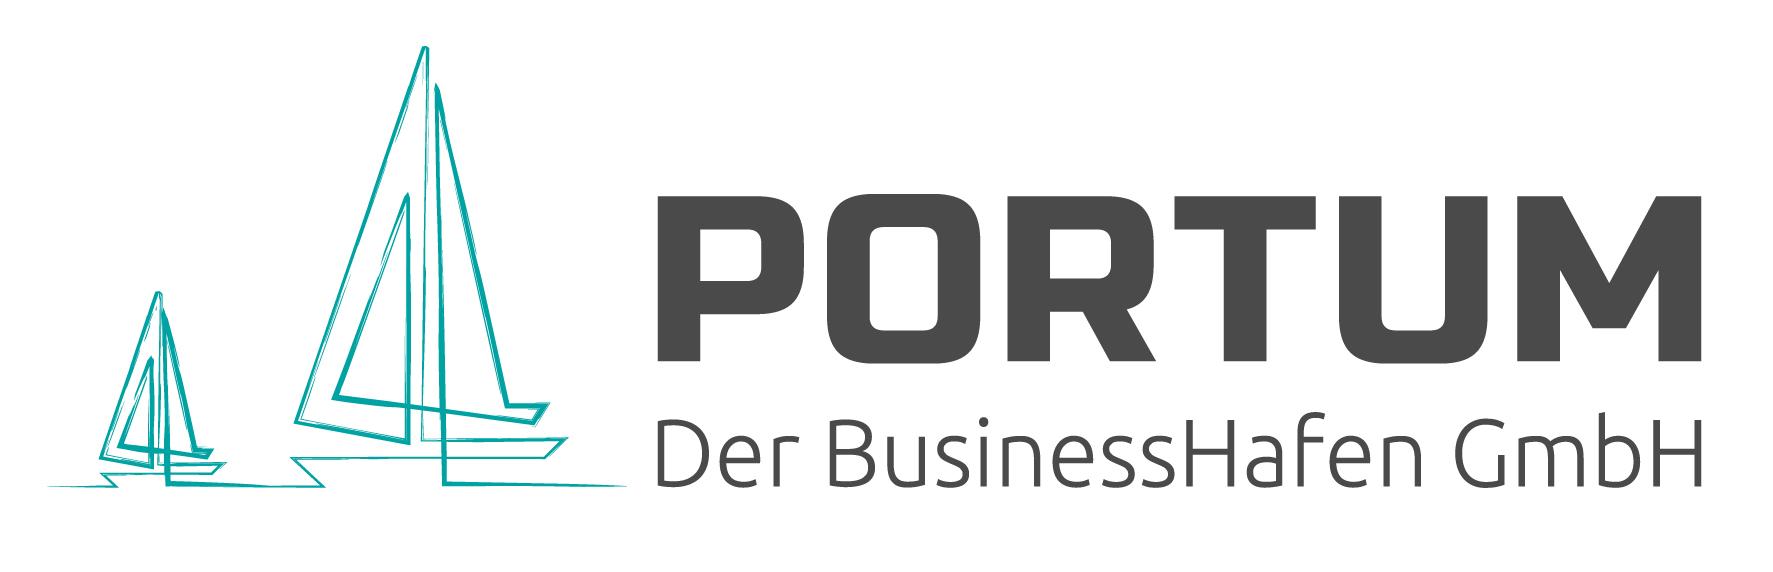 Portum – Der BusinessHafen GmbH